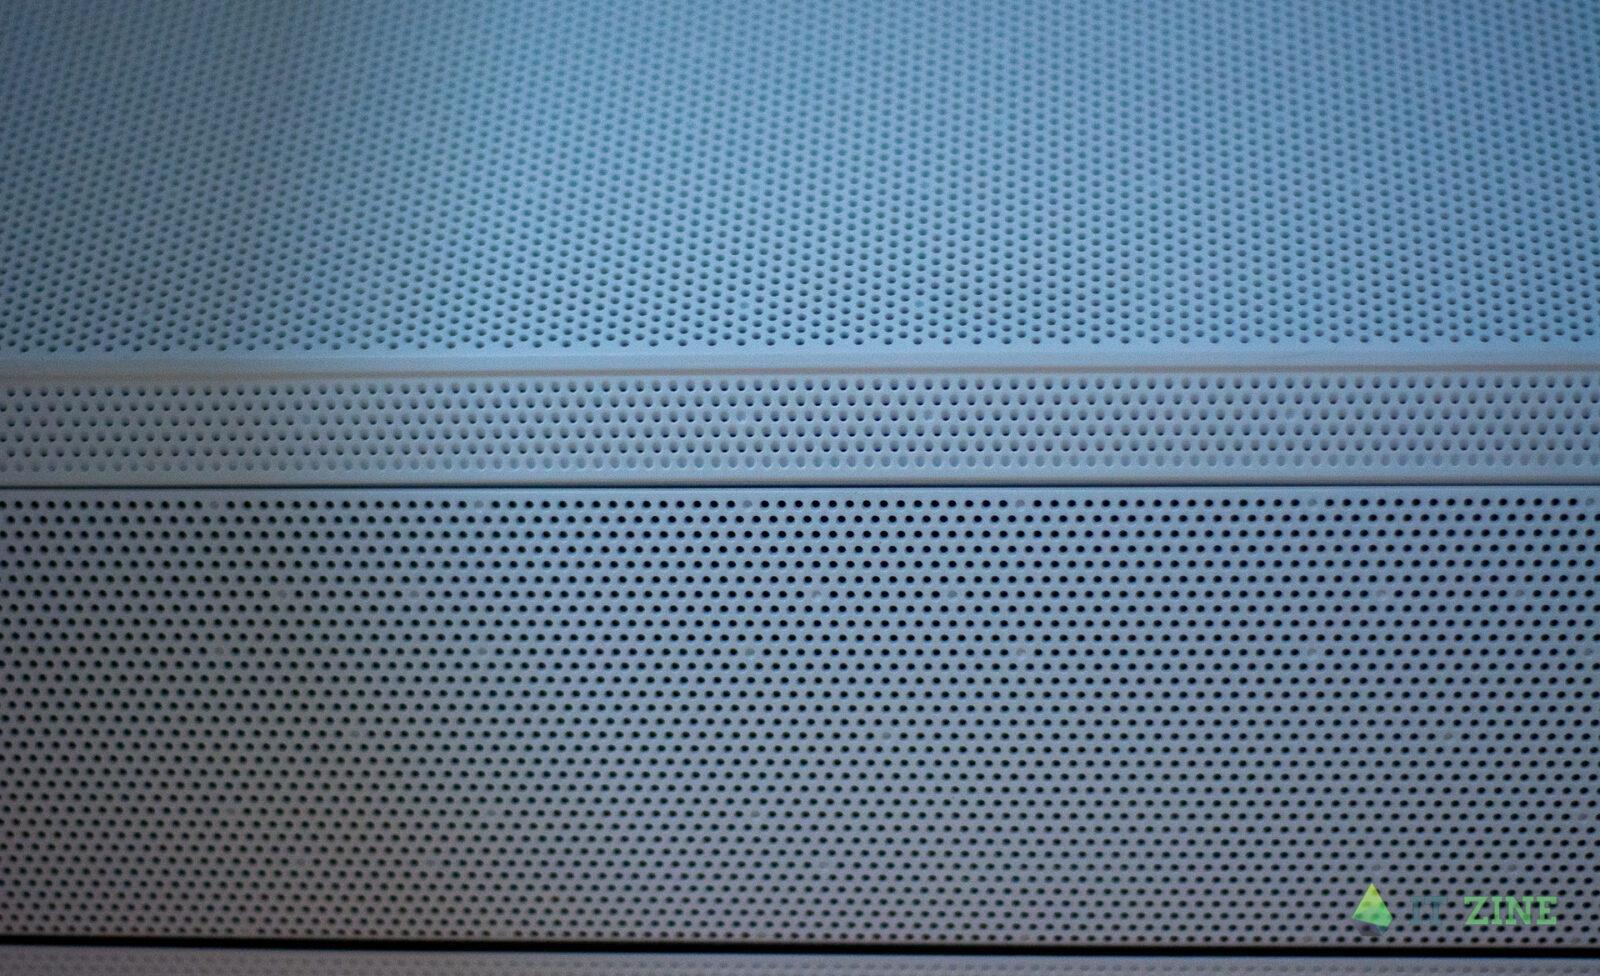 Обзор сплит-системы Samsung AR9500T WindFree: охлаждает, но не дует (export 2607 19)